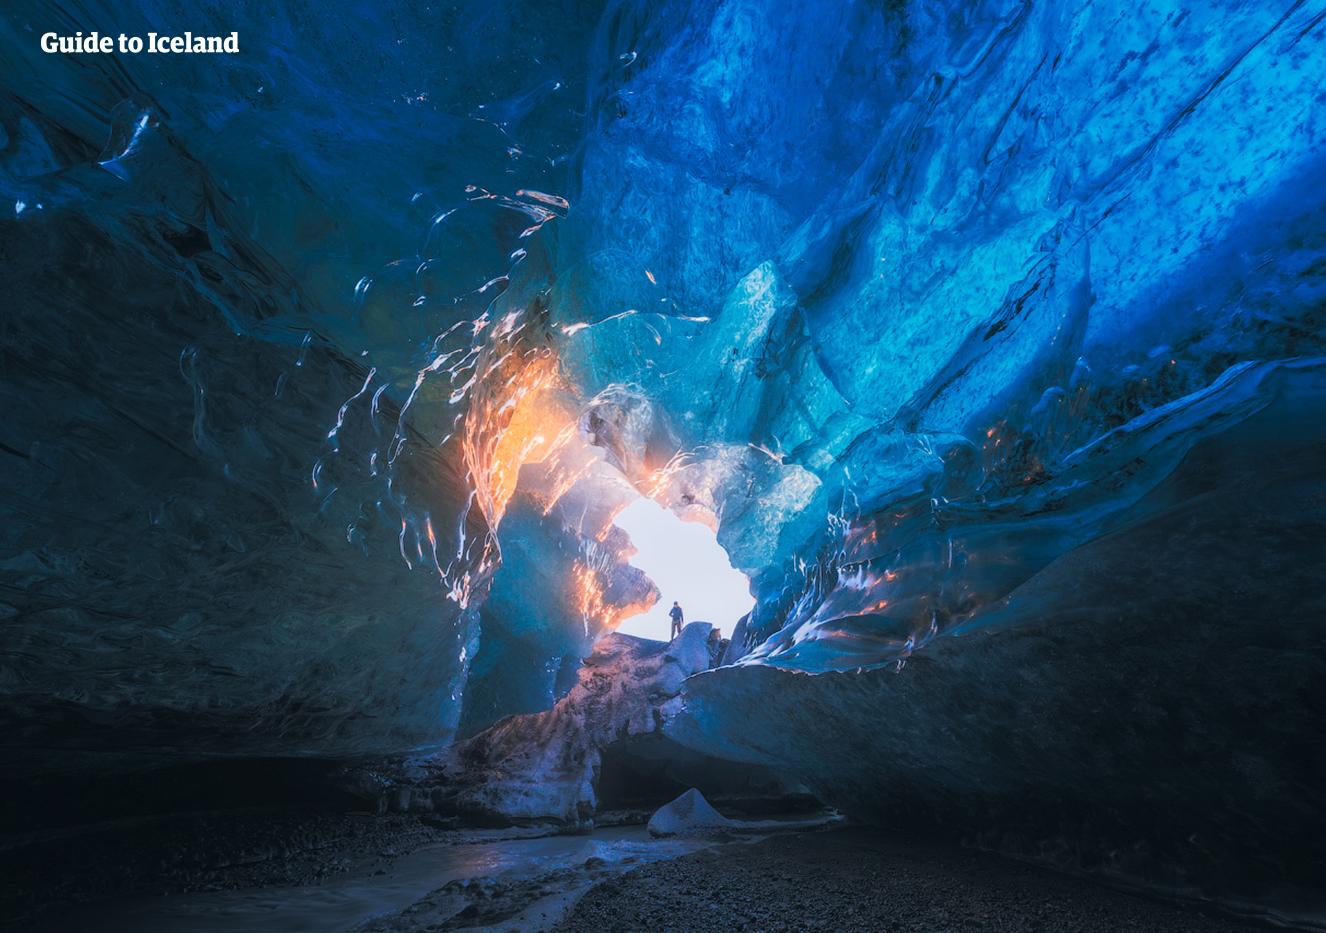 8-дневный зимний пакетный тур | Кольцевая дорога Исландии в маленькой группе - day 4